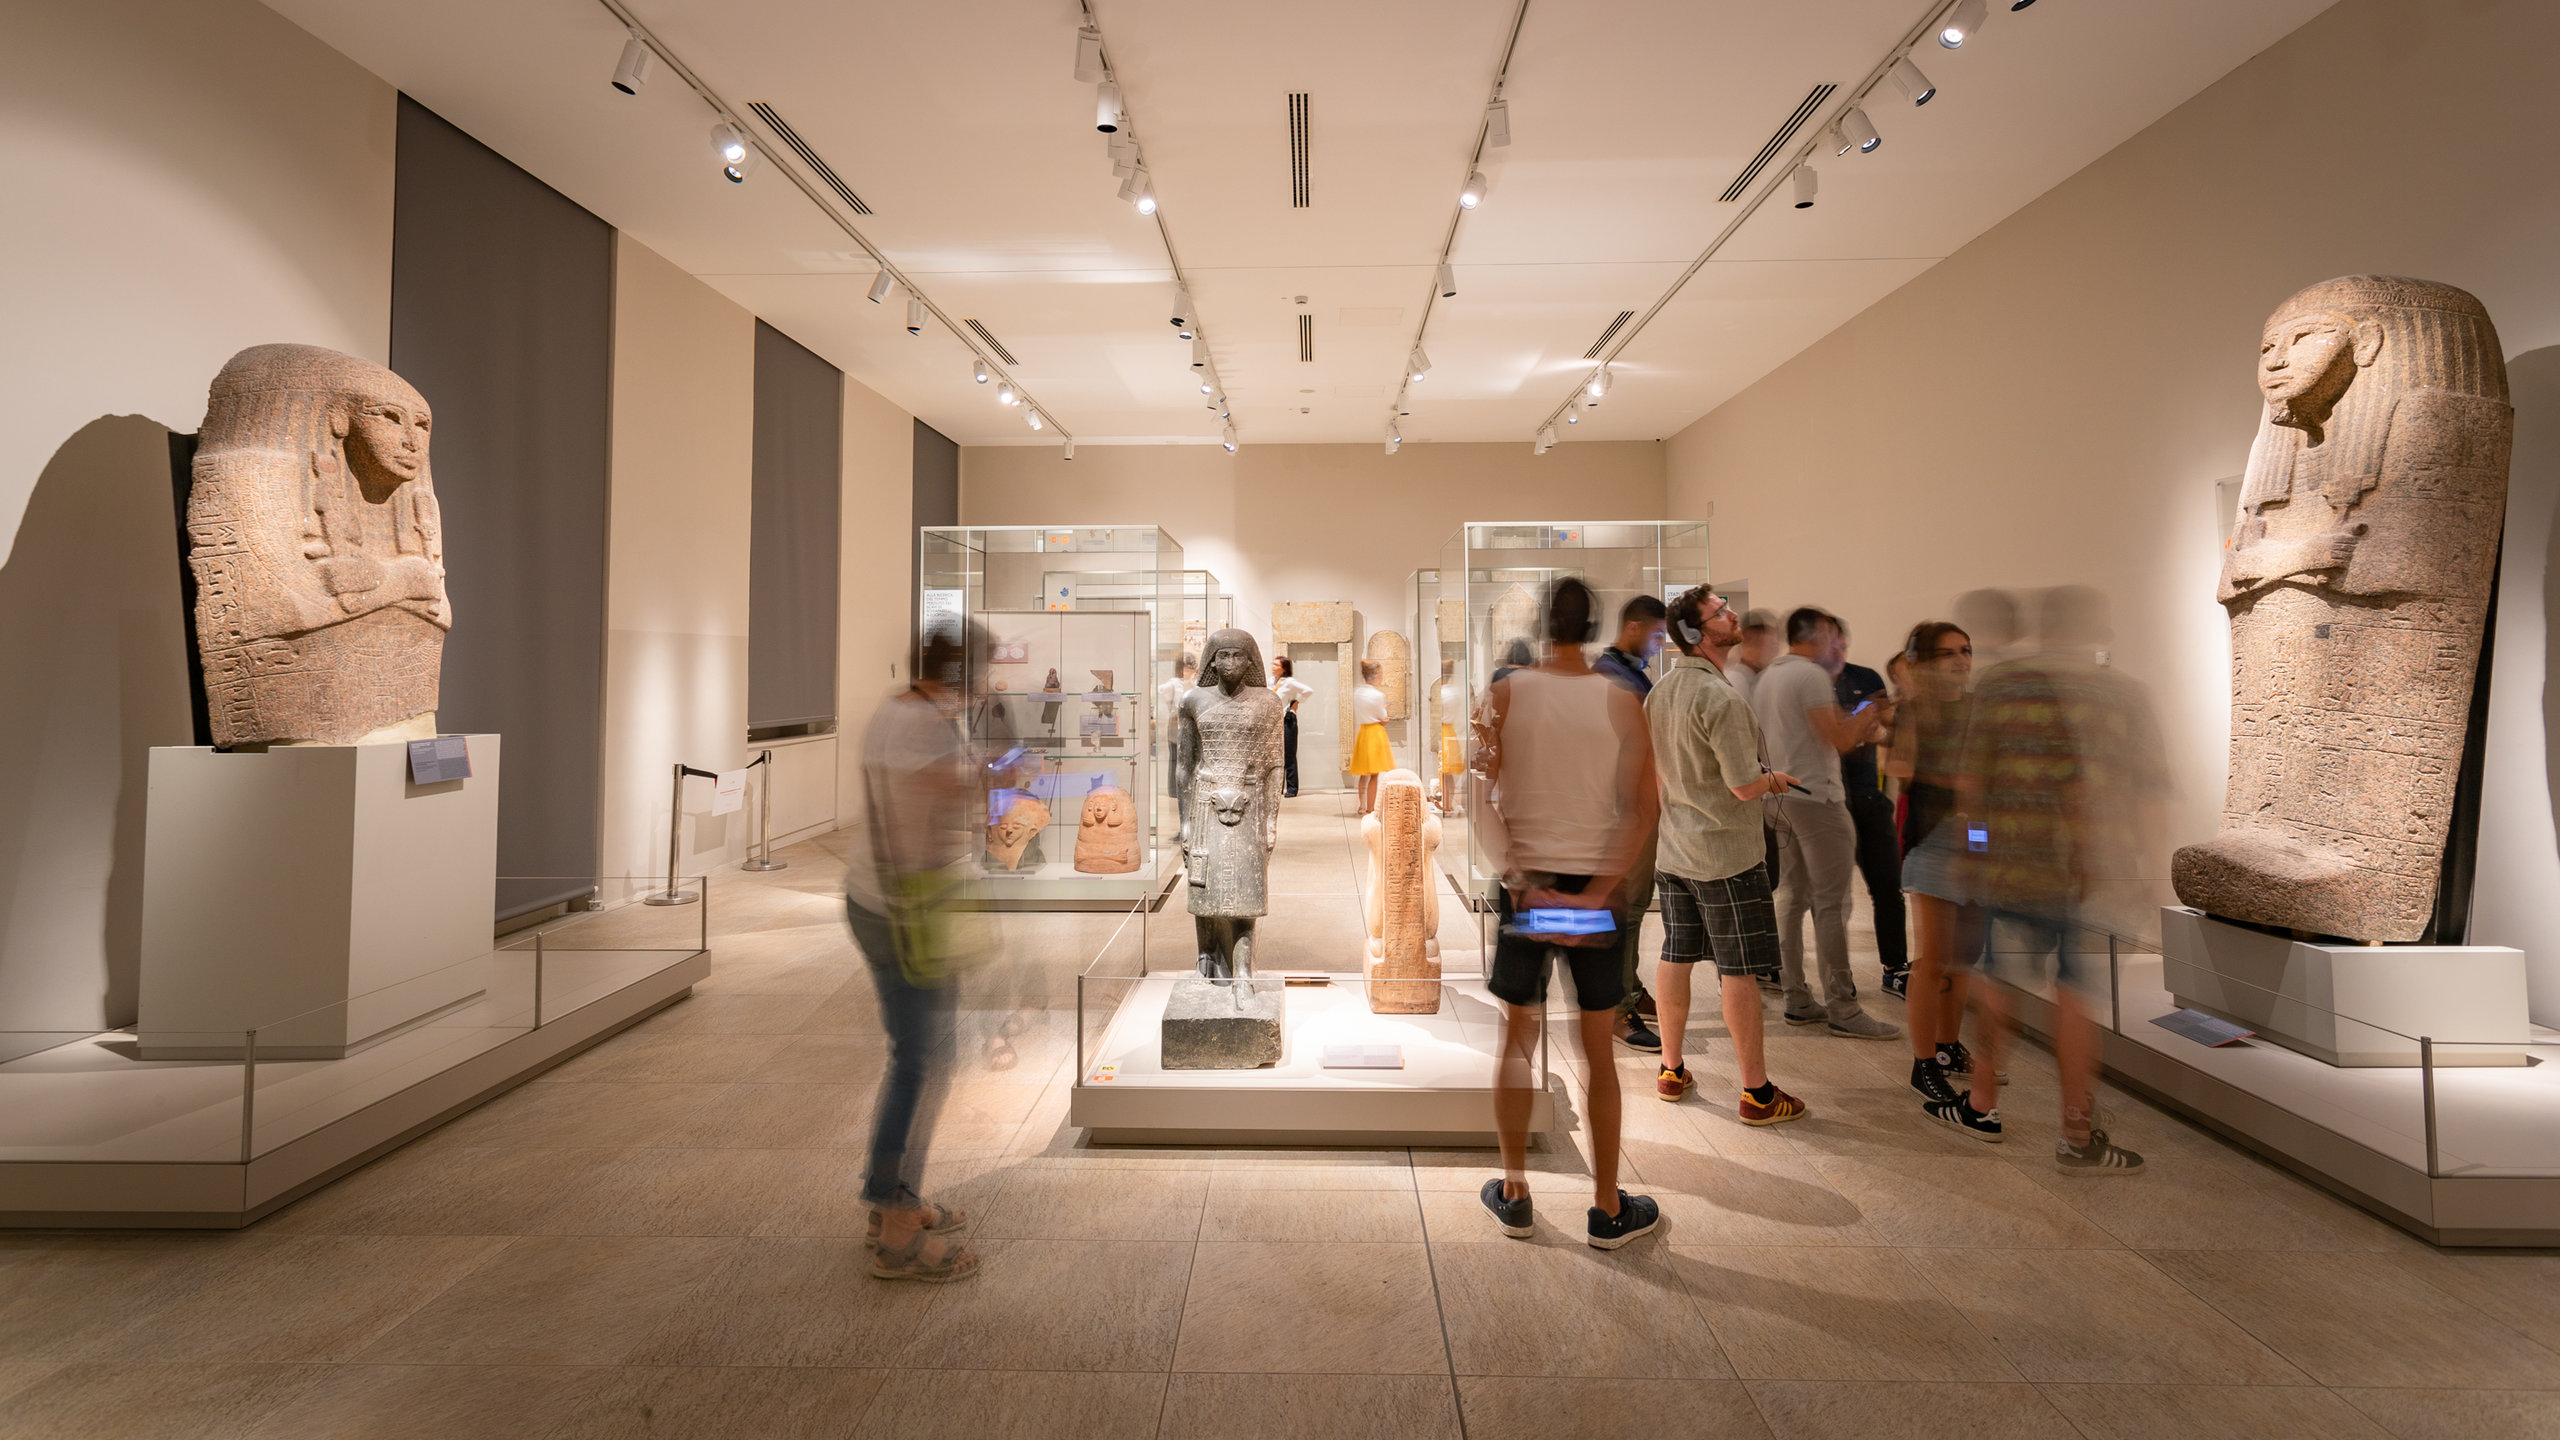 På det egyptiske museet, som er det eneste utelukkende egyptiske museet utenfor Kairo, kan du utforske historien til faraoene i det gamle Egypt.